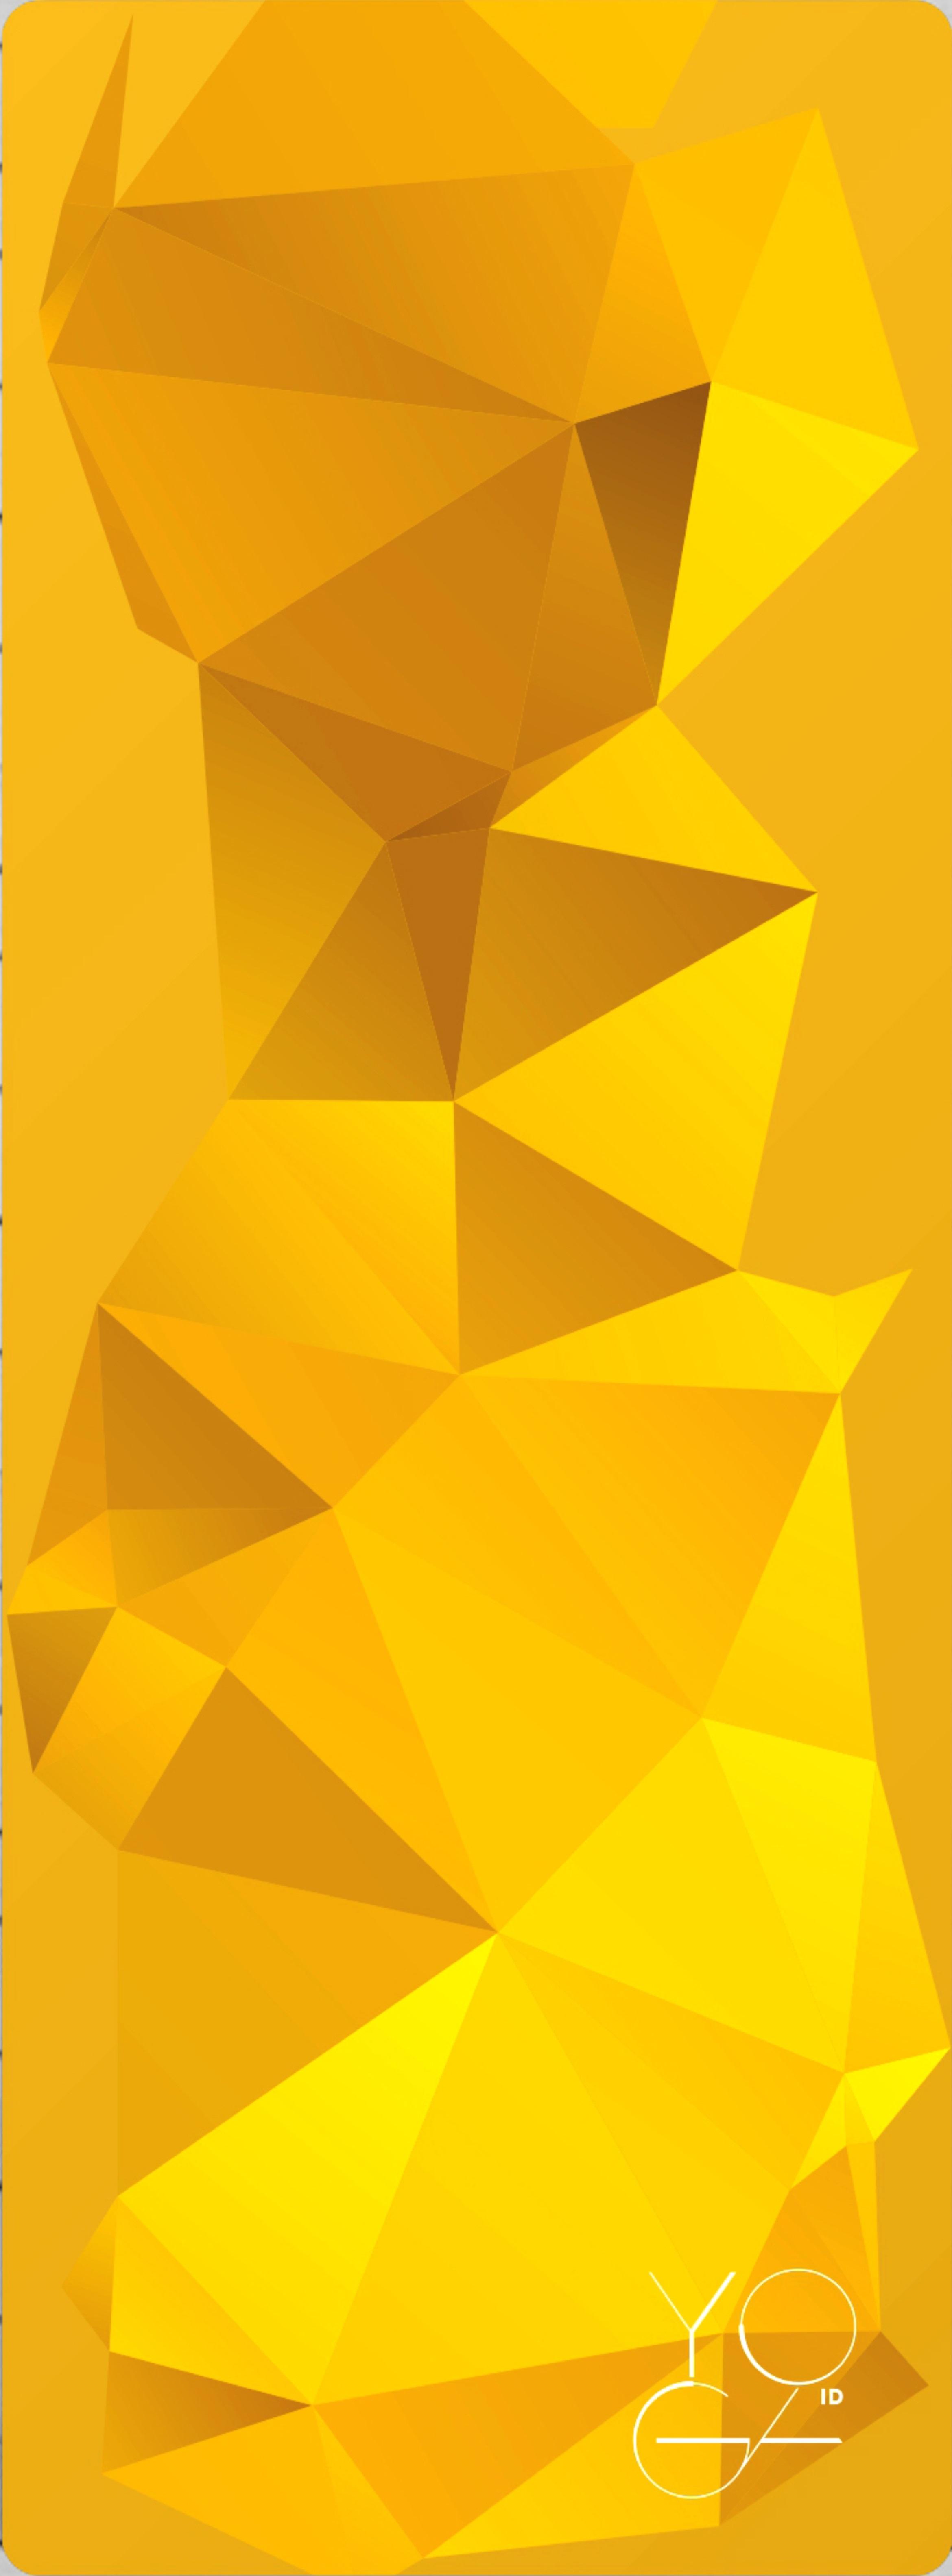 Коврик для йоги Yoga ID Africa, цвет: золотистый, 173 х 61 х 0,3 смУТ-00008834Коврик для йоги Yoga ID Africa - идеальный коврик для динамических практик, совмещающий в себе функции коврика и полотенца. Основание из натурального органического каучука обеспечивает надежную сцепку с любой поверхностью, а абсорбирующее покрытие microfiber предотвращает скольжение! И, в конце концов, это просто красиво!В комплект входит переноска для коврика.Рекомендации по использованию: -рекомендуется ручная стирка при температуре 30°С с деликатным моющим средством. Для еще лучшей стабилизации в определенных асанах рекомендуется смачивать ладони водой перед началом практики.Йога: все, что нужно начинающим и опытным практикам. Статья OZON Гид